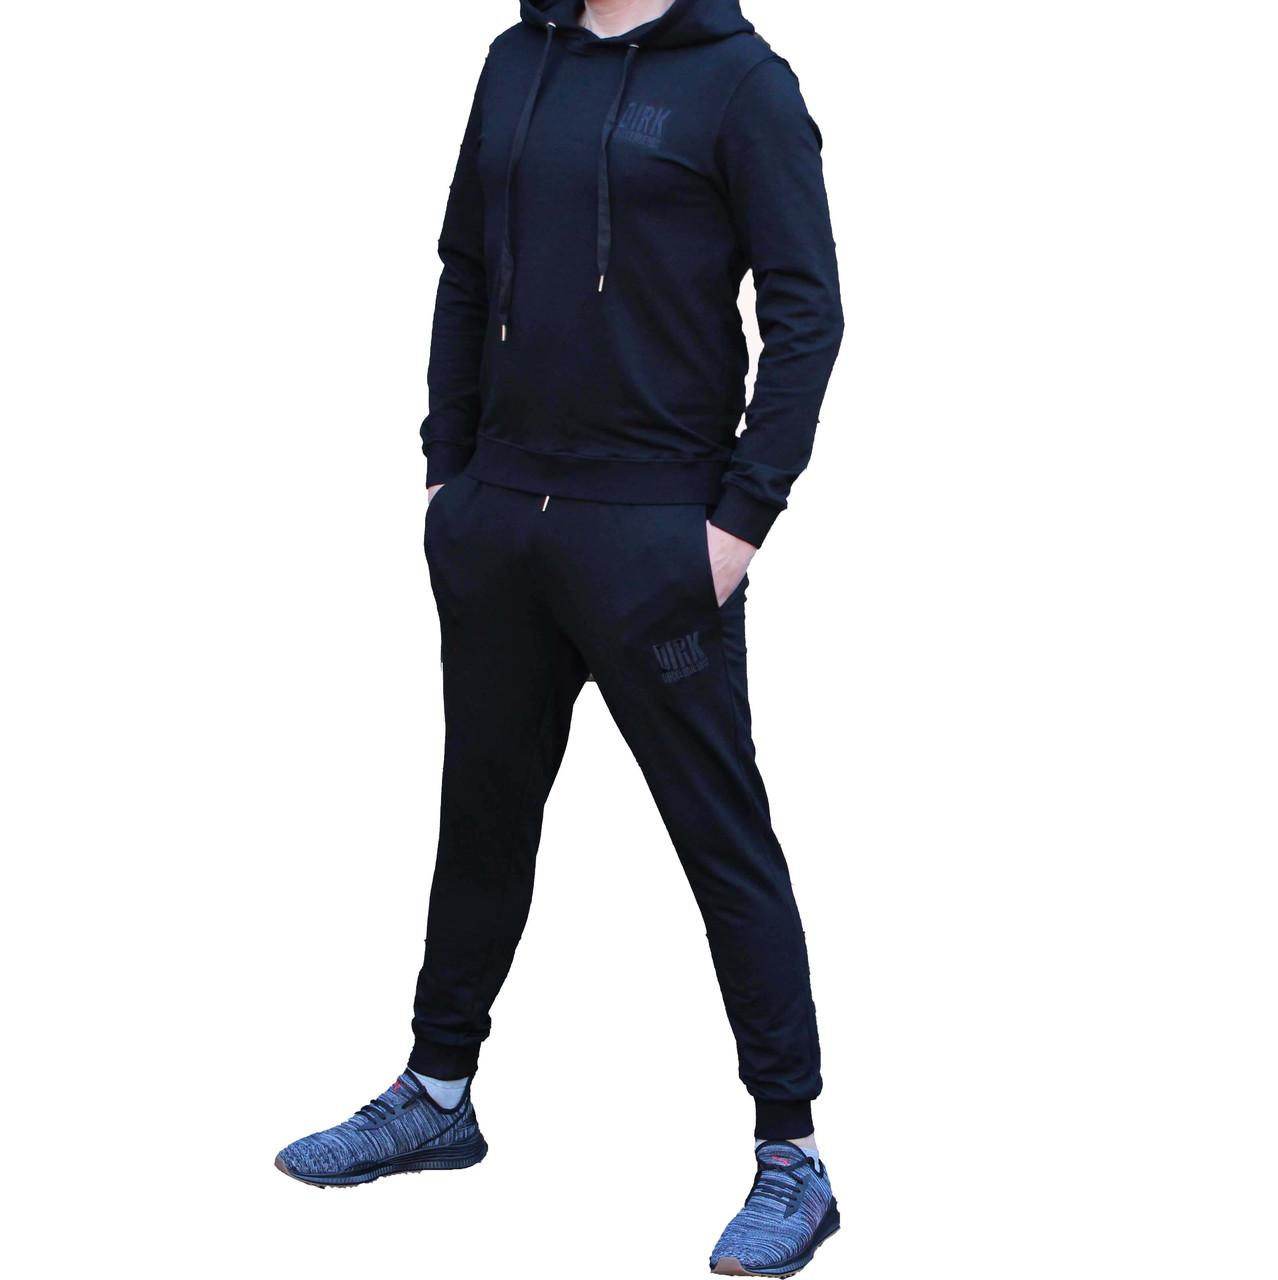 Черный спортивный костюм Bikkemberg кенгуру с штанами на манжетах 52 размер (Реплика)